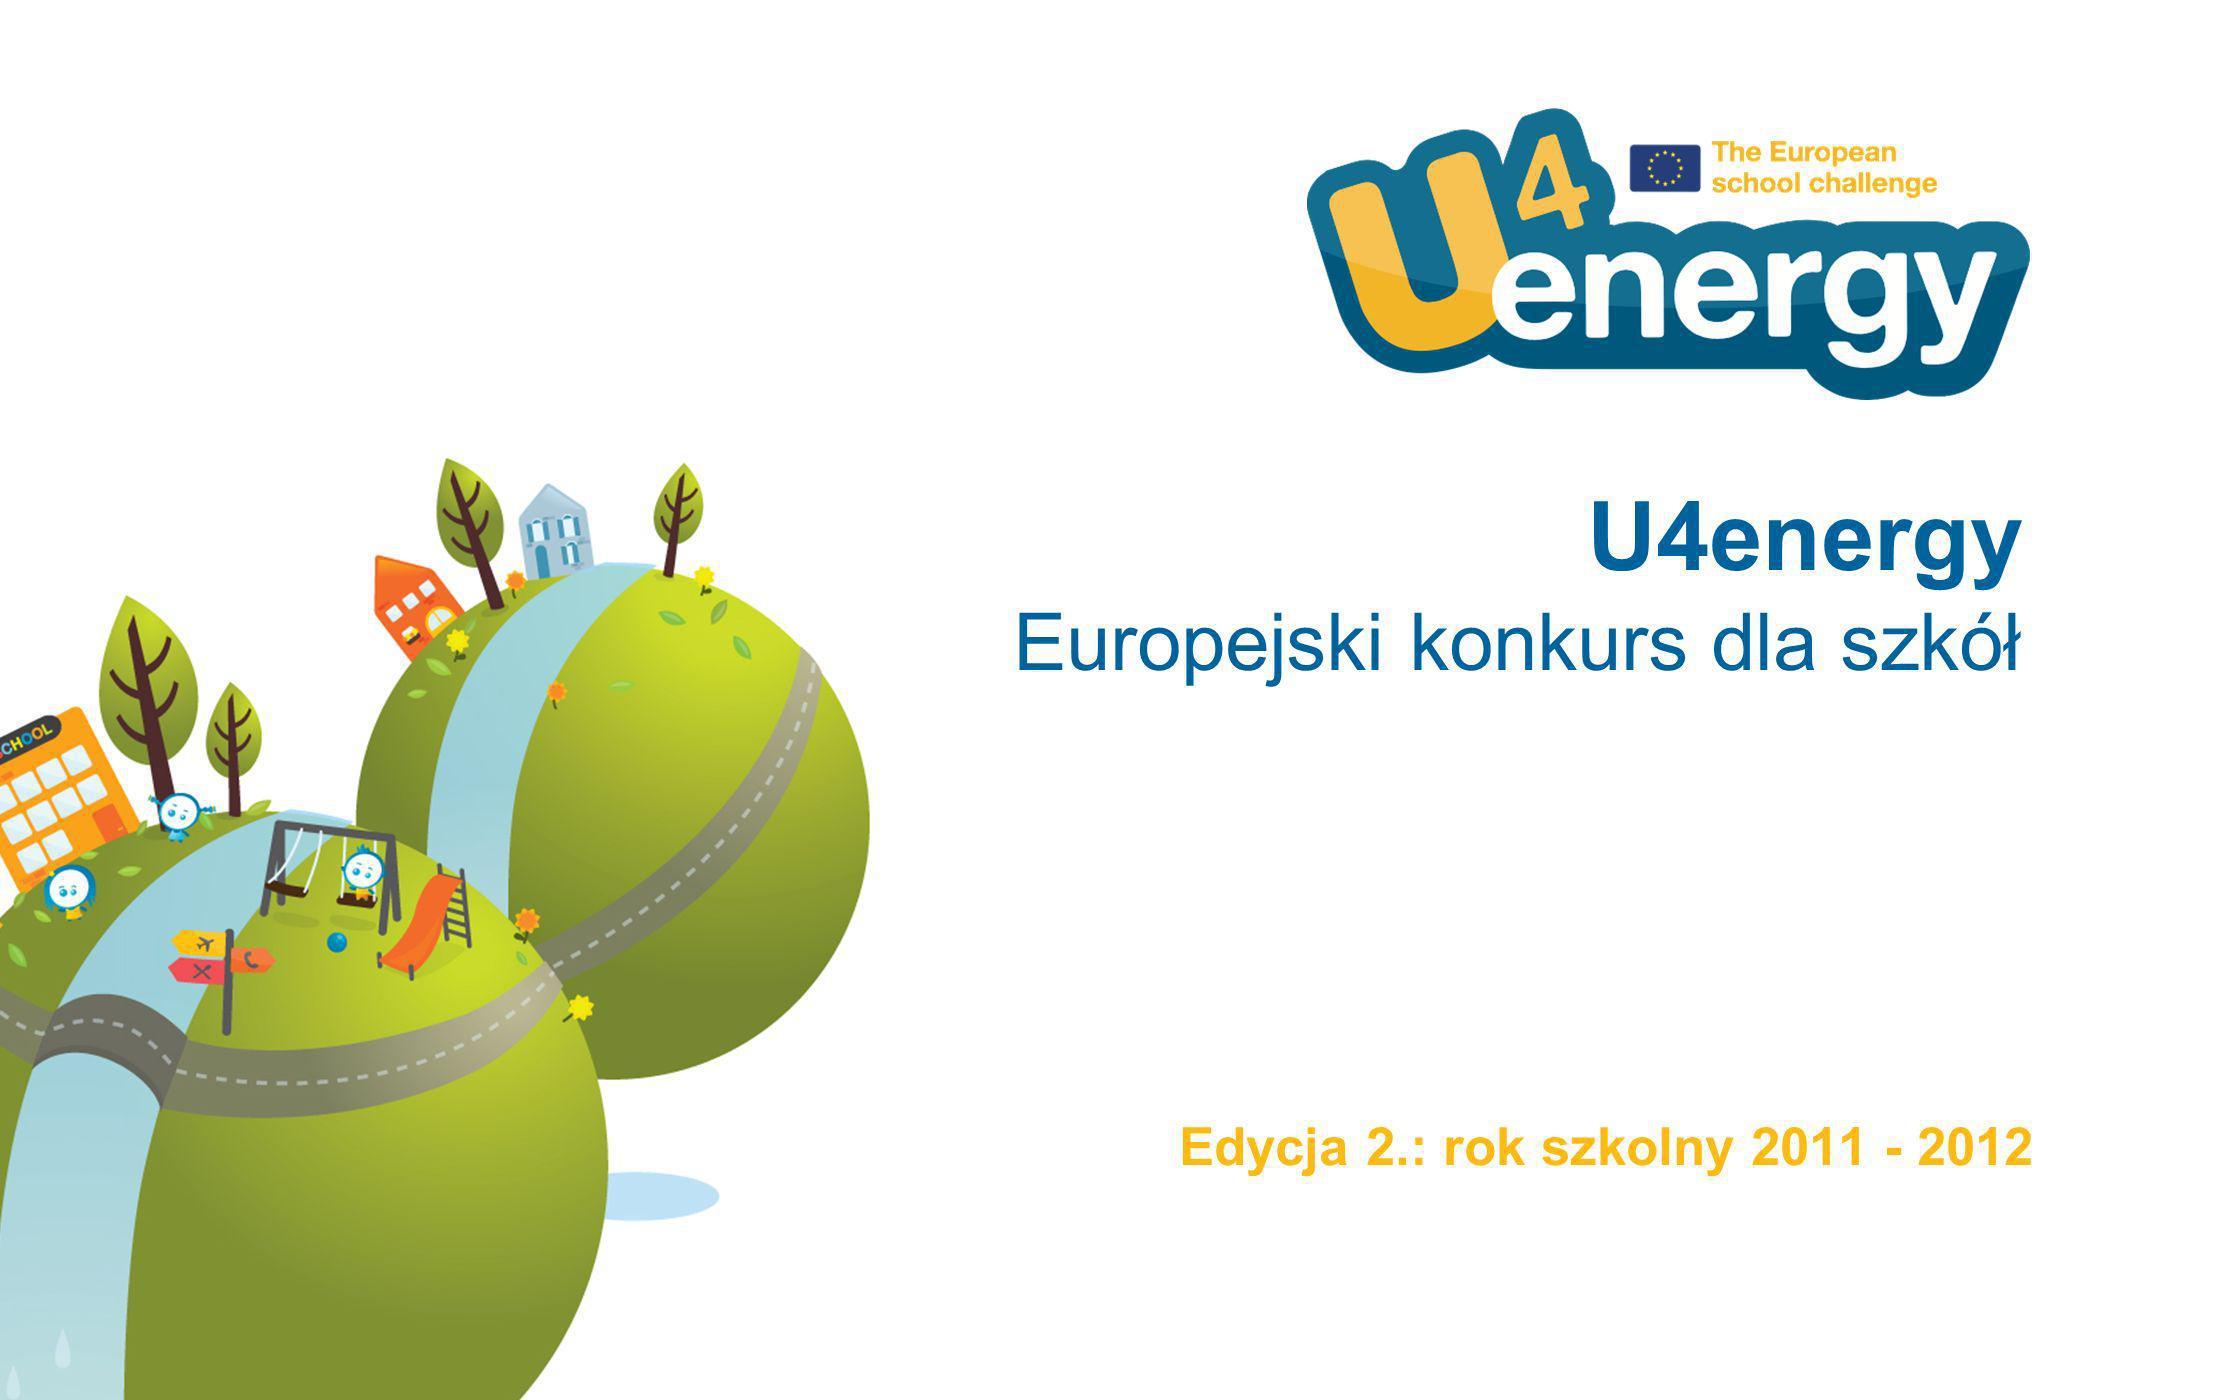 U4energy Europejski konkurs dla szkół Cele konkursu: Podniesienie świadomości dzieci i młodzieży w zakresie racjonalnego korzystania z energii Zachęcenie szkół, otoczenia, władz lokalnych oraz oświatowych (samorządów, rodziców do organizowania i upowszechniania dobrych praktyk i zachowań w zakresie korzystania z energii